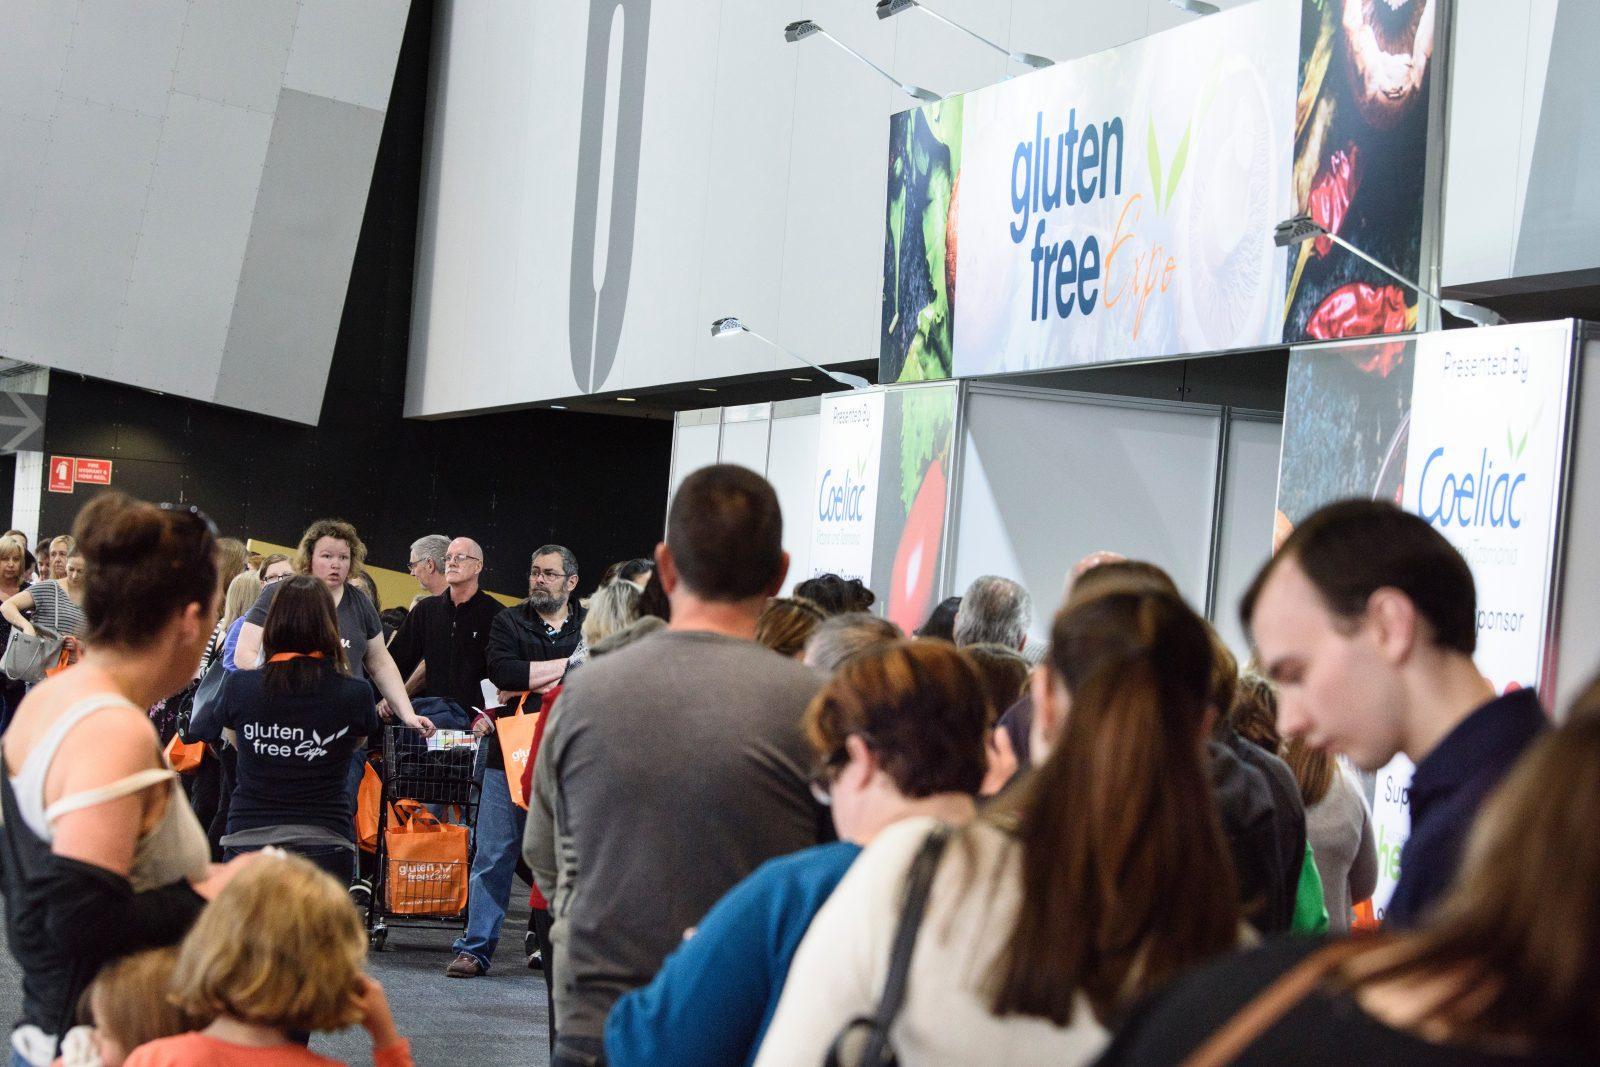 Perth Gluten Free Expo, Perth, Western Australia